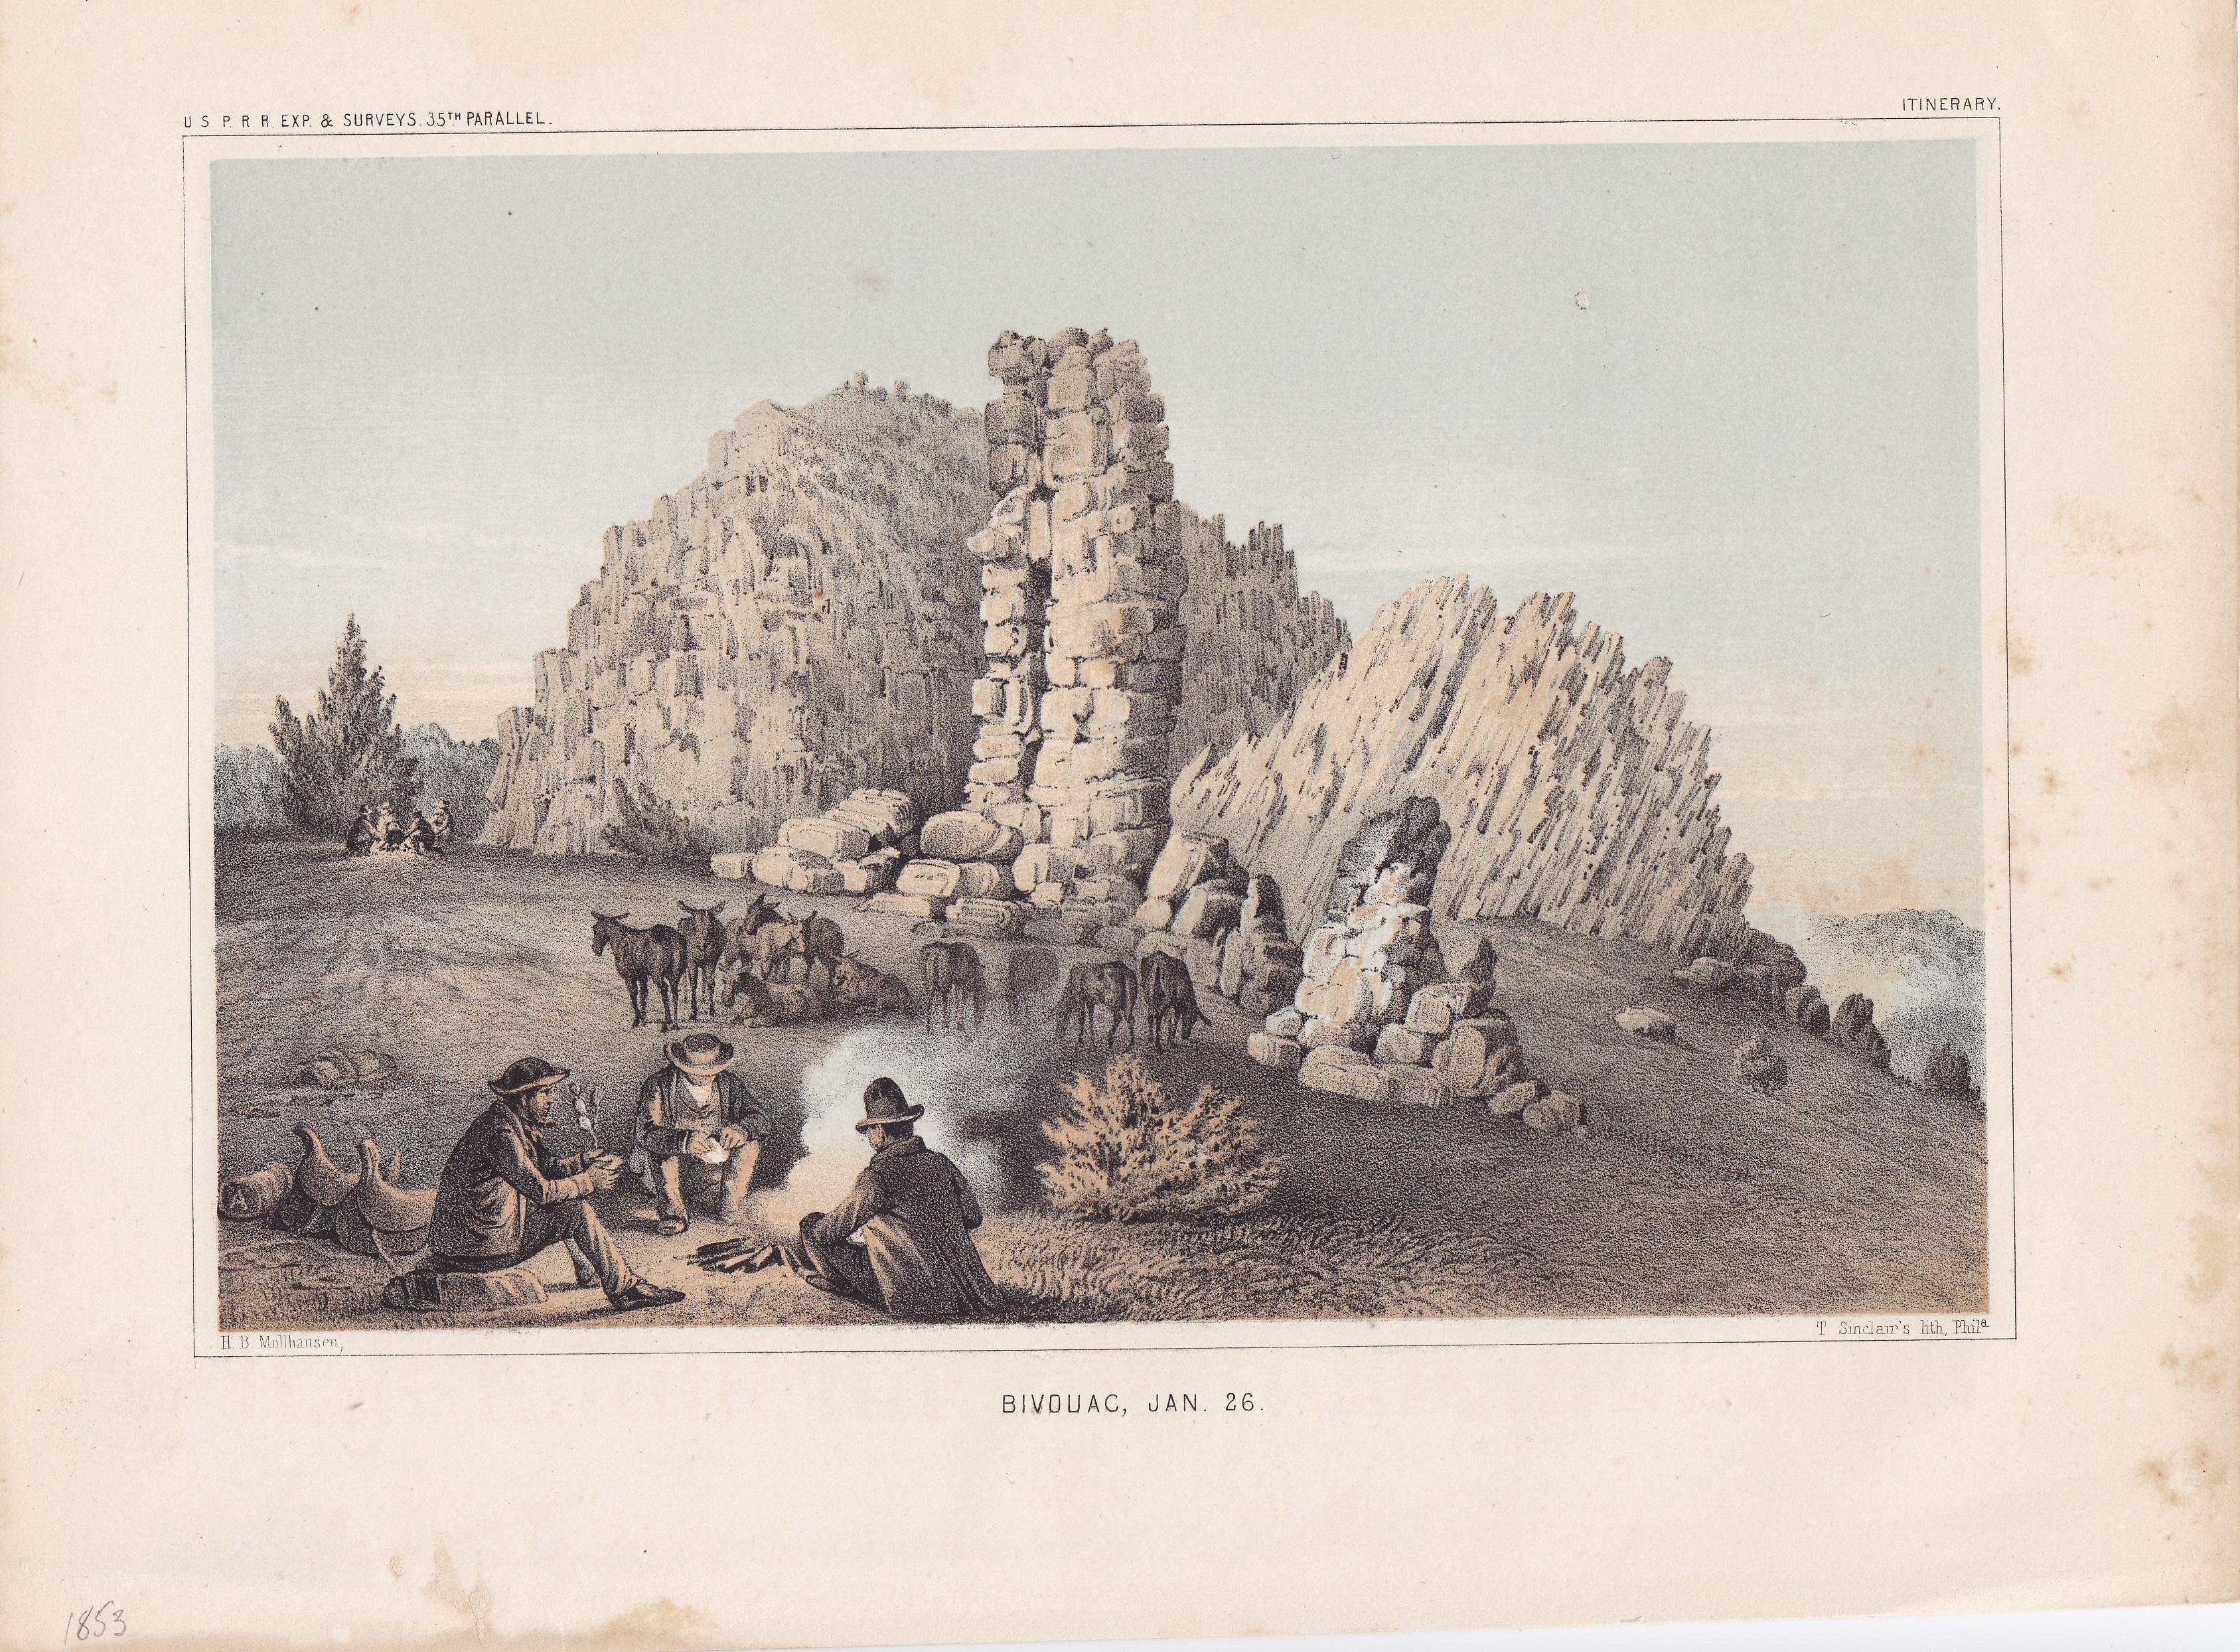 Bivouac, Jan. 26